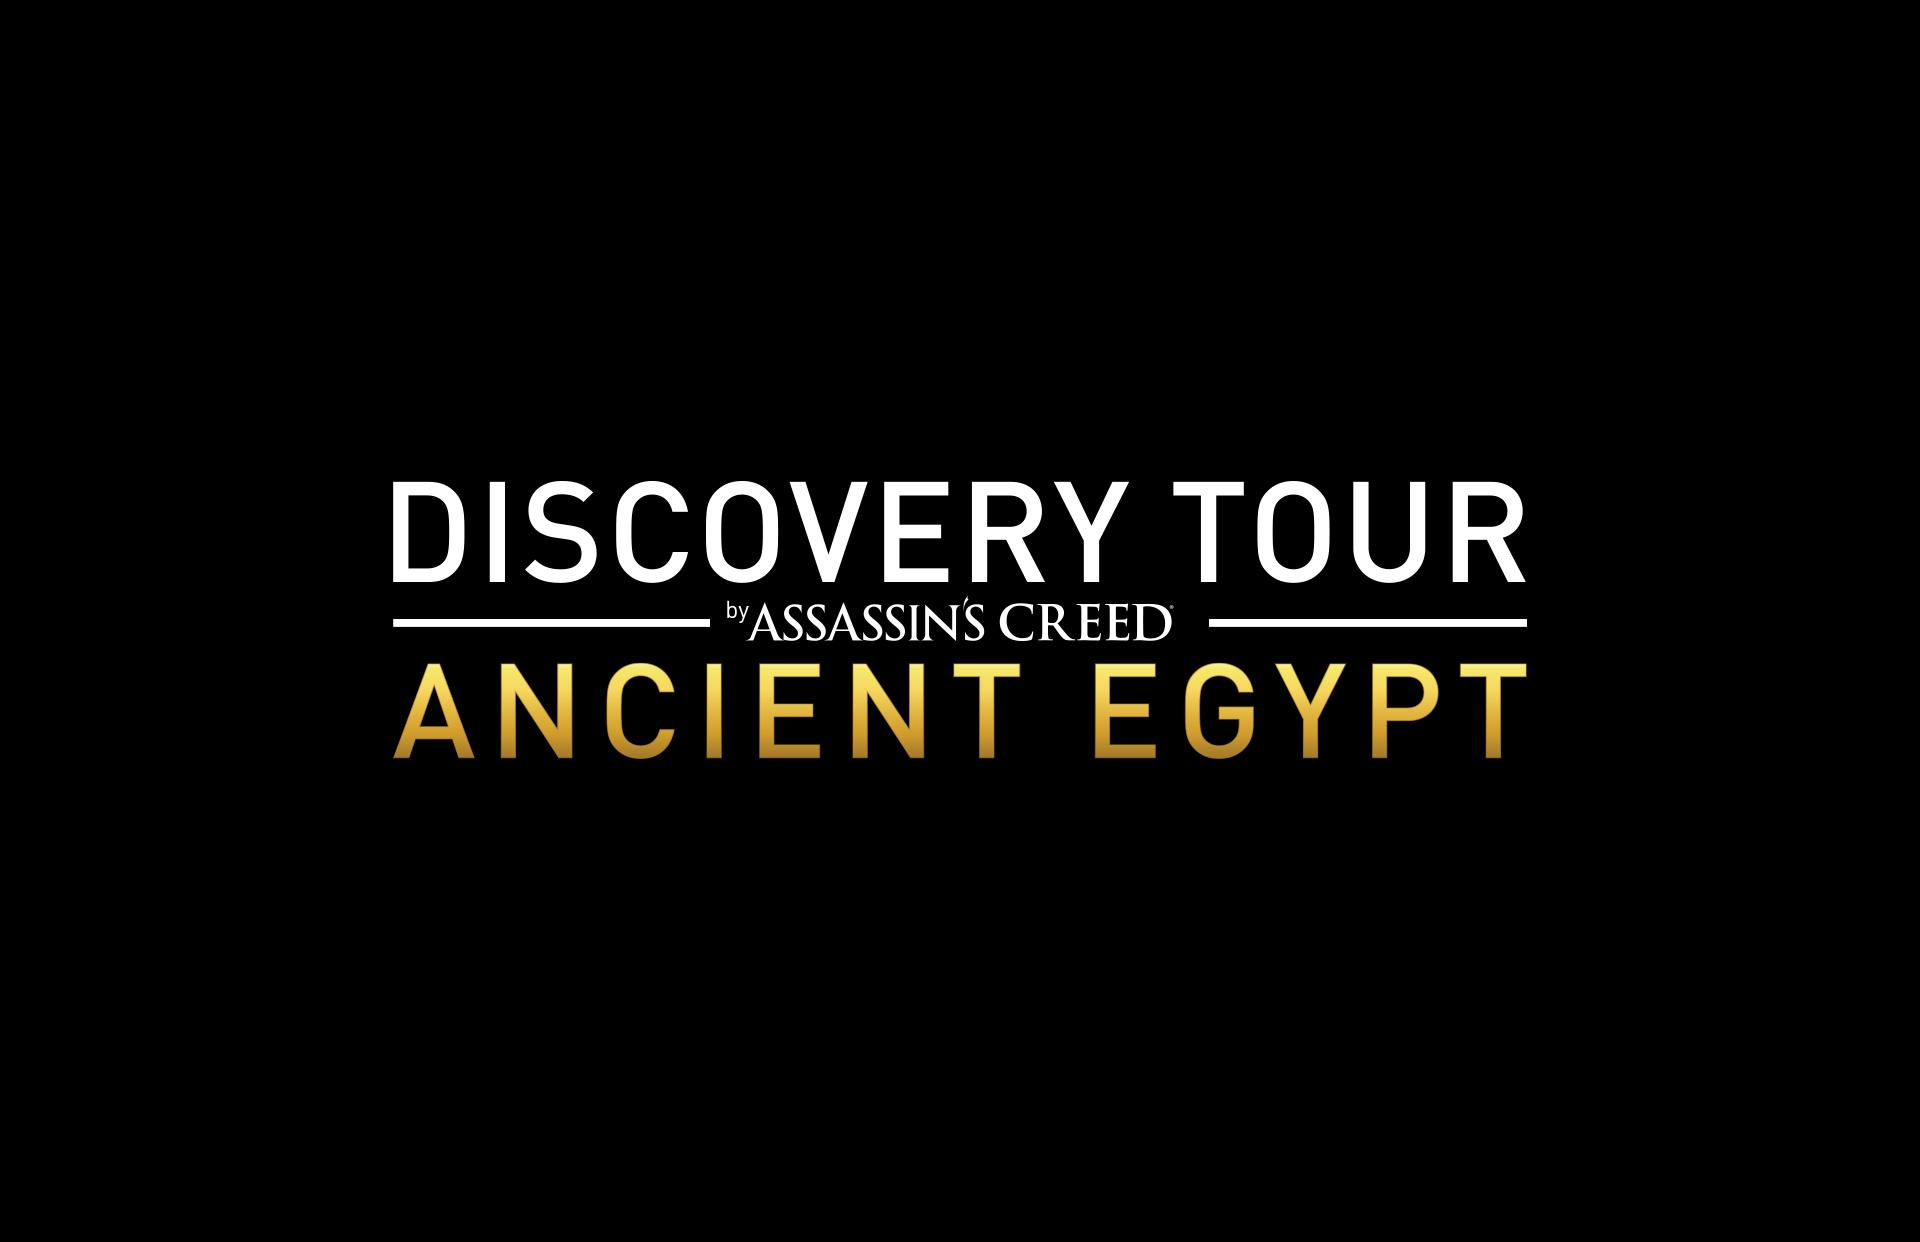 ACO_Discovery_Tour_Logo_White_PR_170927_530_pm_UK_Time_1506340045